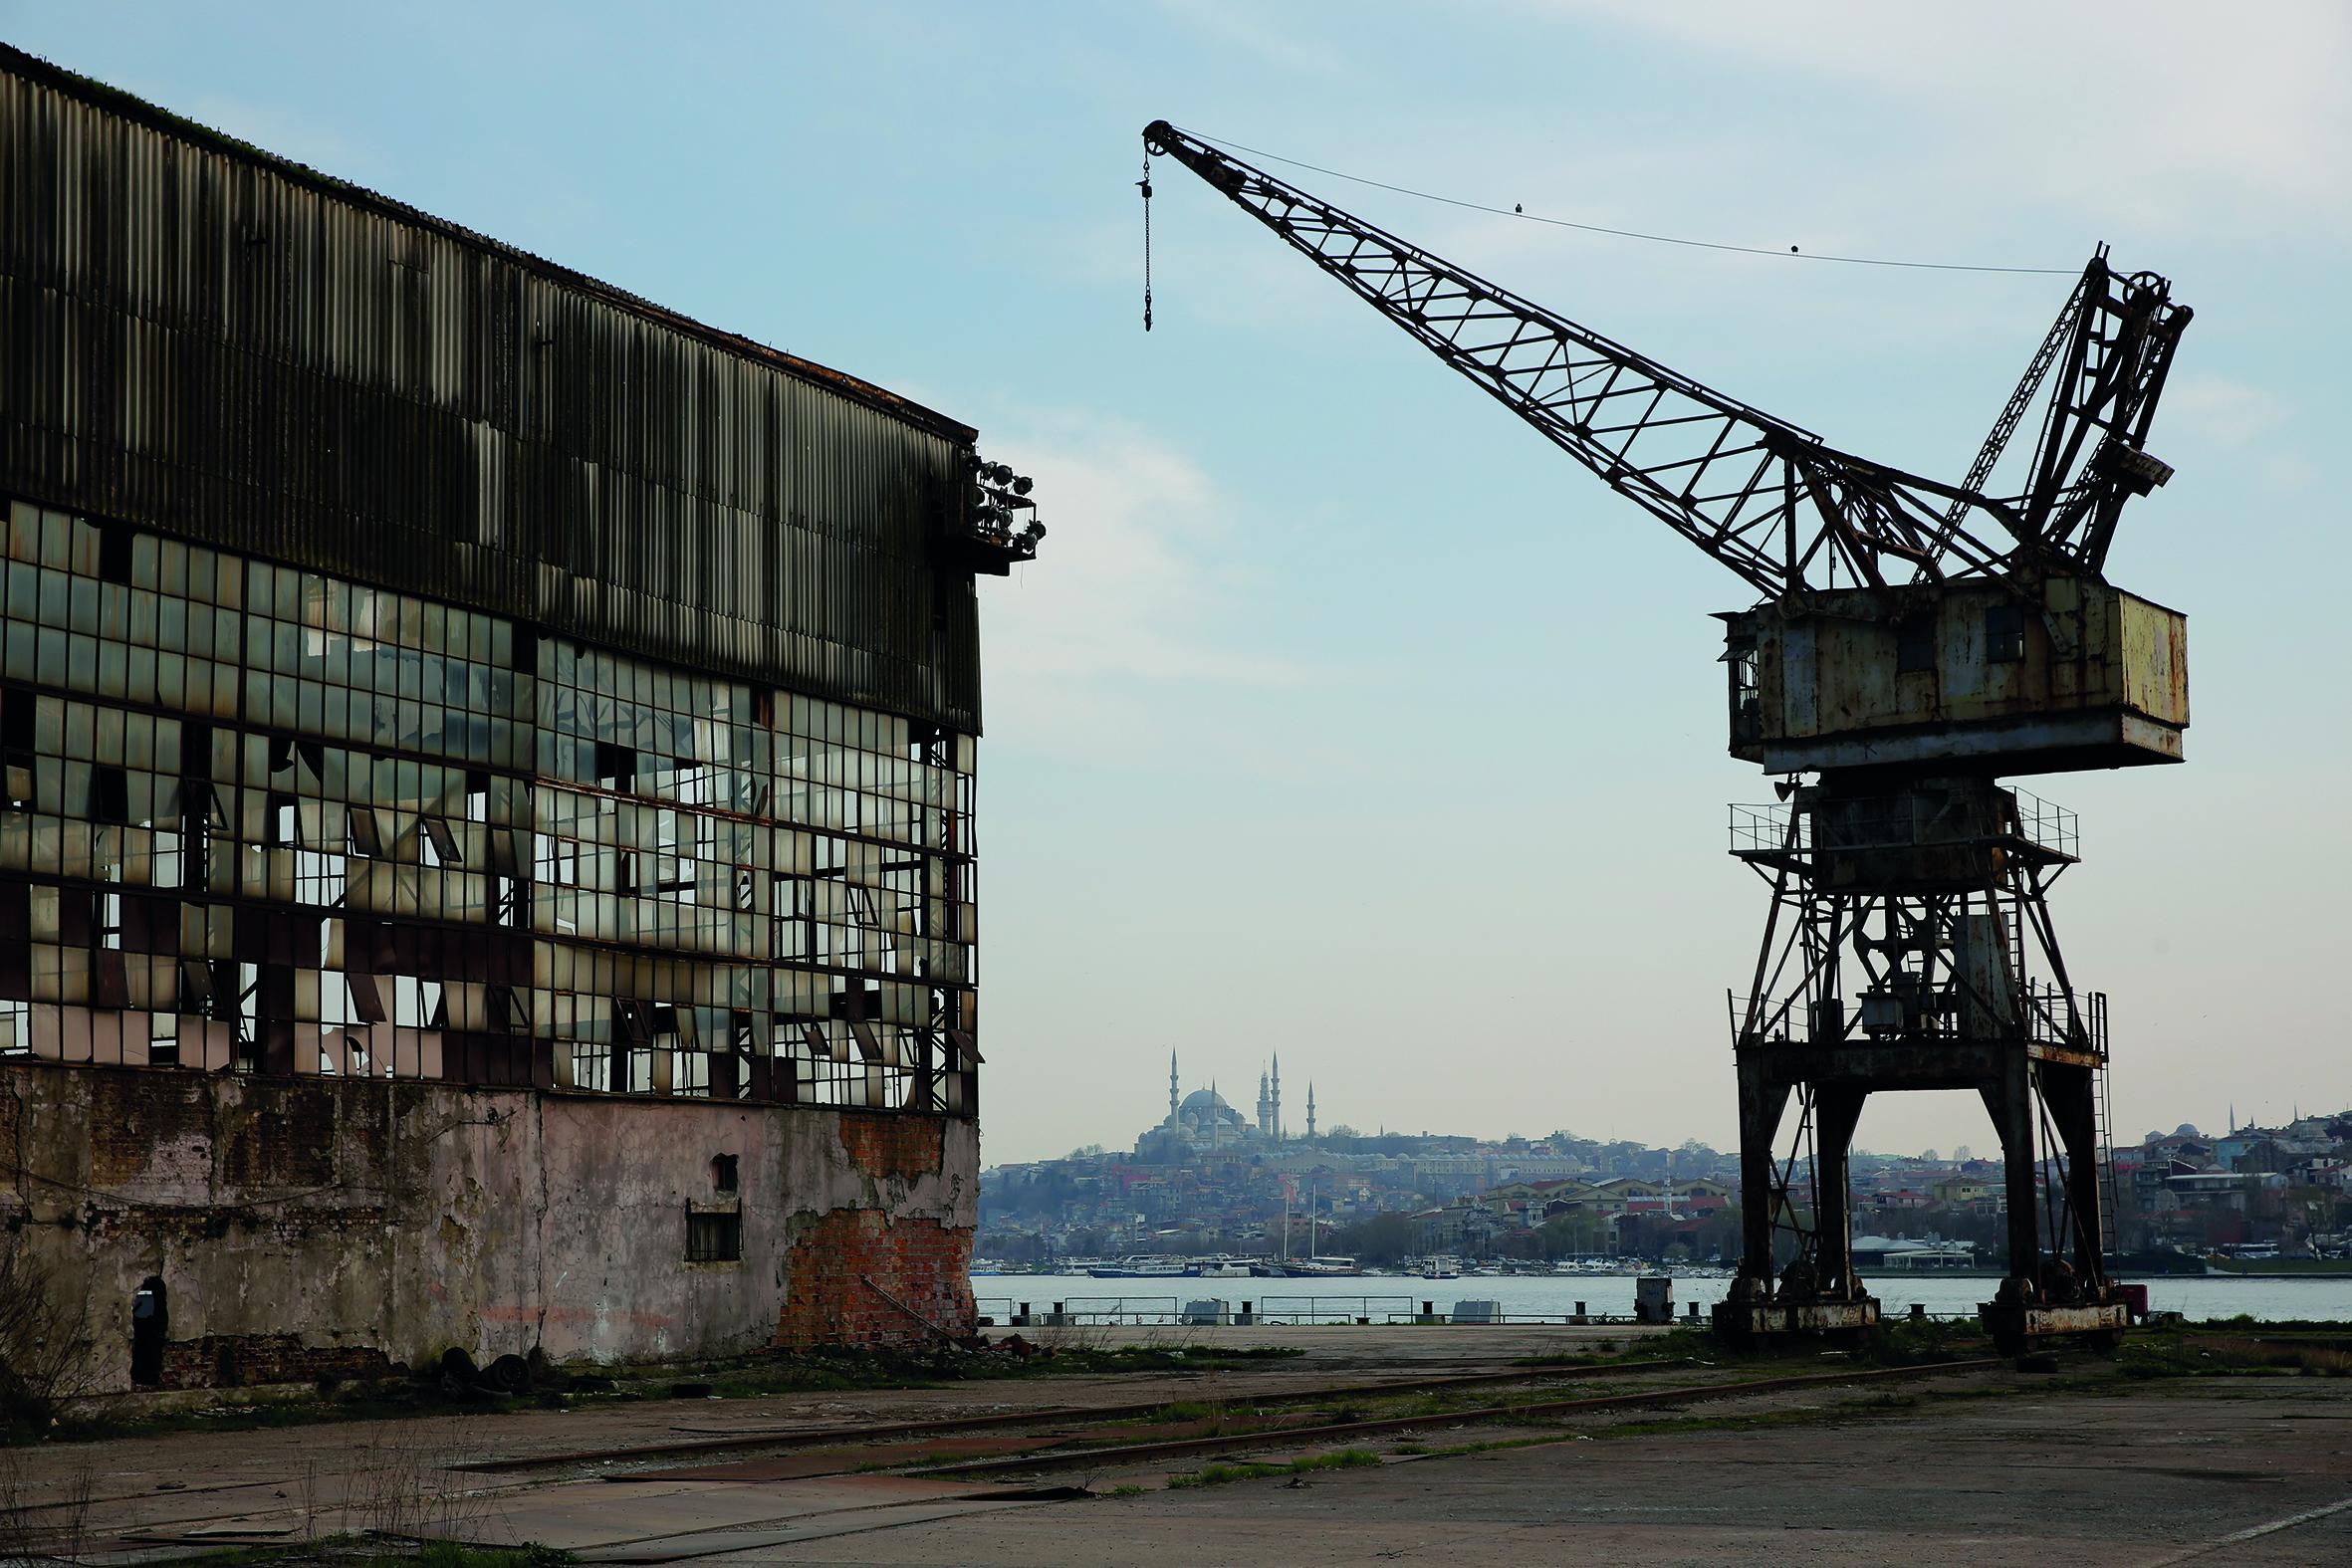 Haliç Shipyard is under renovation, courtesy of Tabanlioğlu Architects